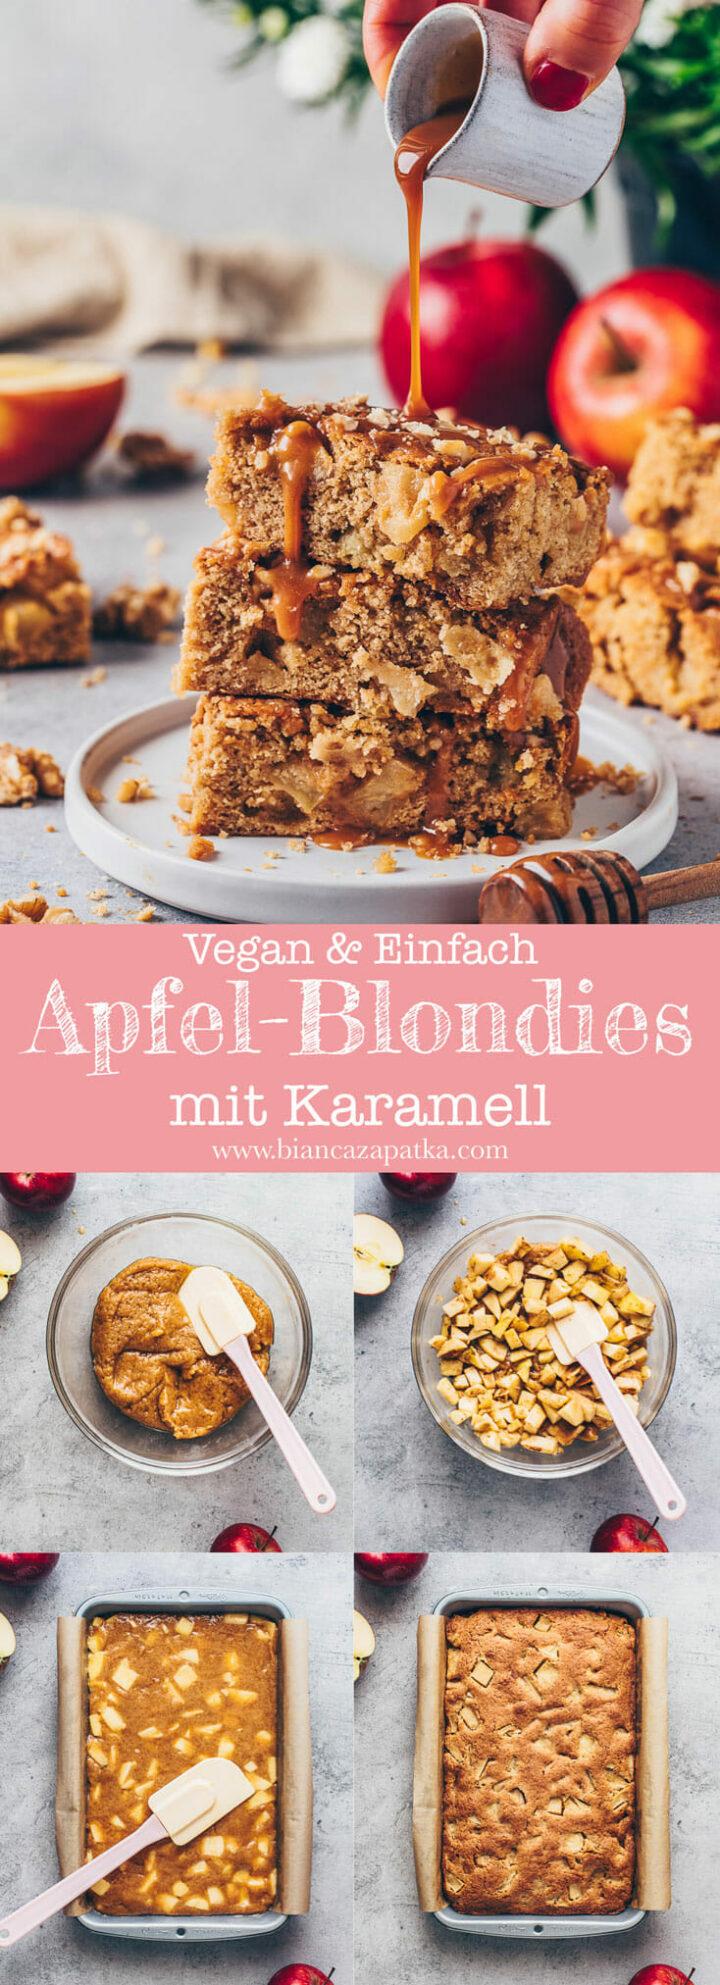 Apfel-Zimt Blondies Kuchen mit Karamell-Sauce und Walnüsse